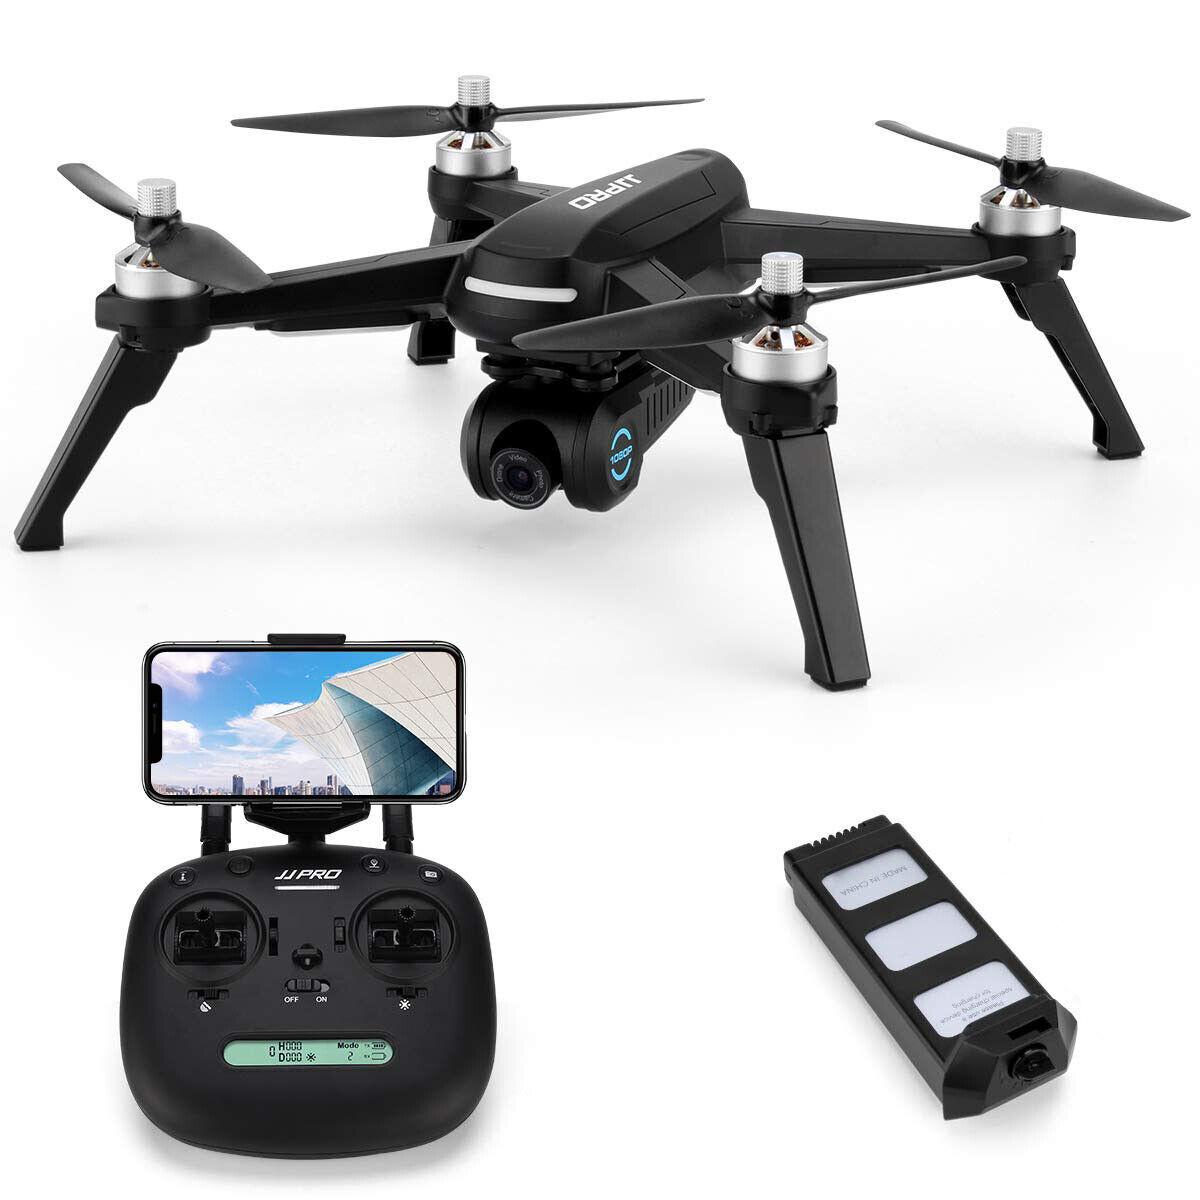 JJR C JJPRO  X5 EPIK Brushless Motor 5G Wifi FPV 1080P telecamera RC Drone Quadcopter  la migliore selezione di